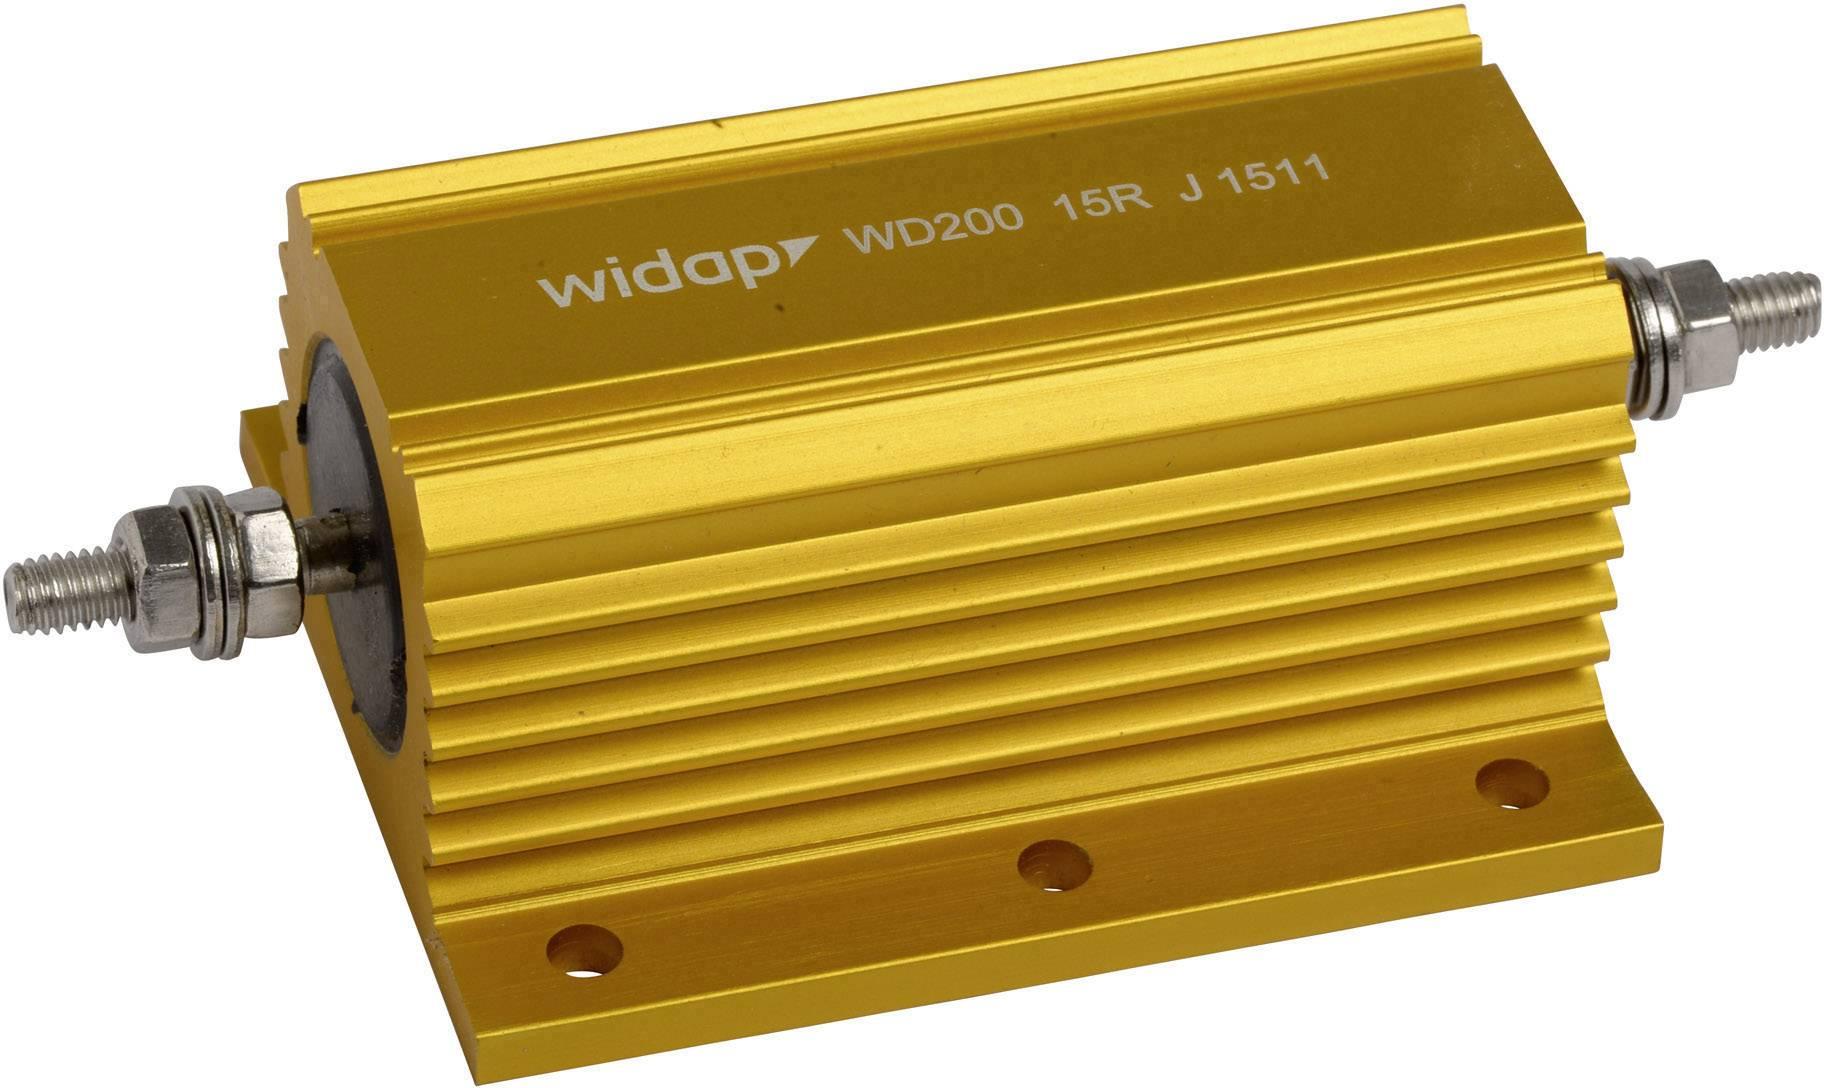 Drátový rezistor Widap 160160, hodnota odporu 330 Ohm, v pouzdře, 200 W, 1 ks